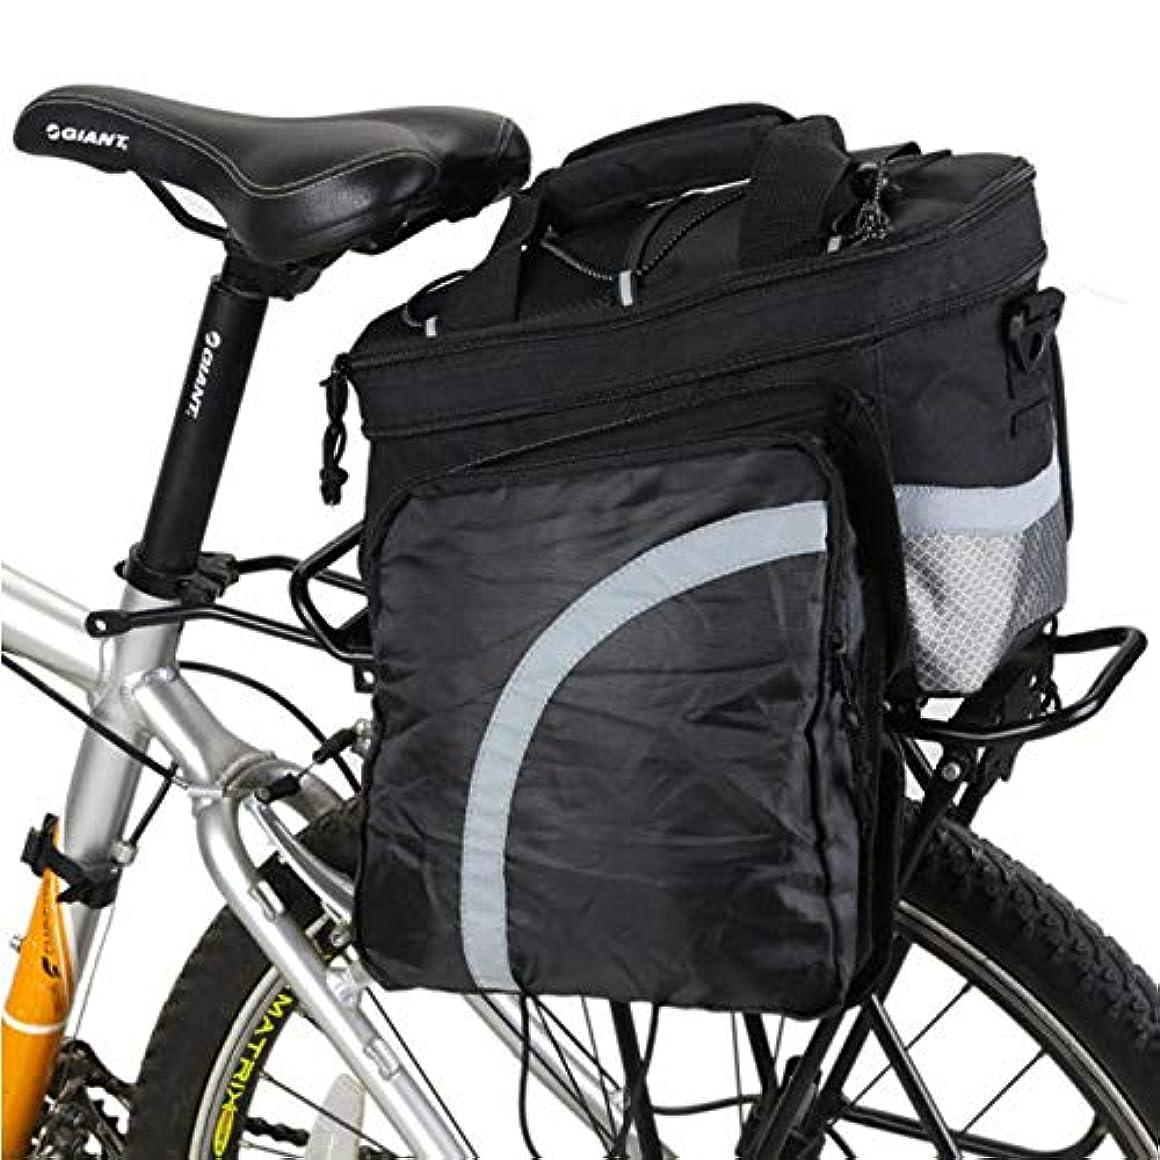 刻む多様なアパート自転車フレームバッグ 自転車パニエトランクバッグ、大容量防水自転車リアシートパニエフィット 防水電話ホルダー